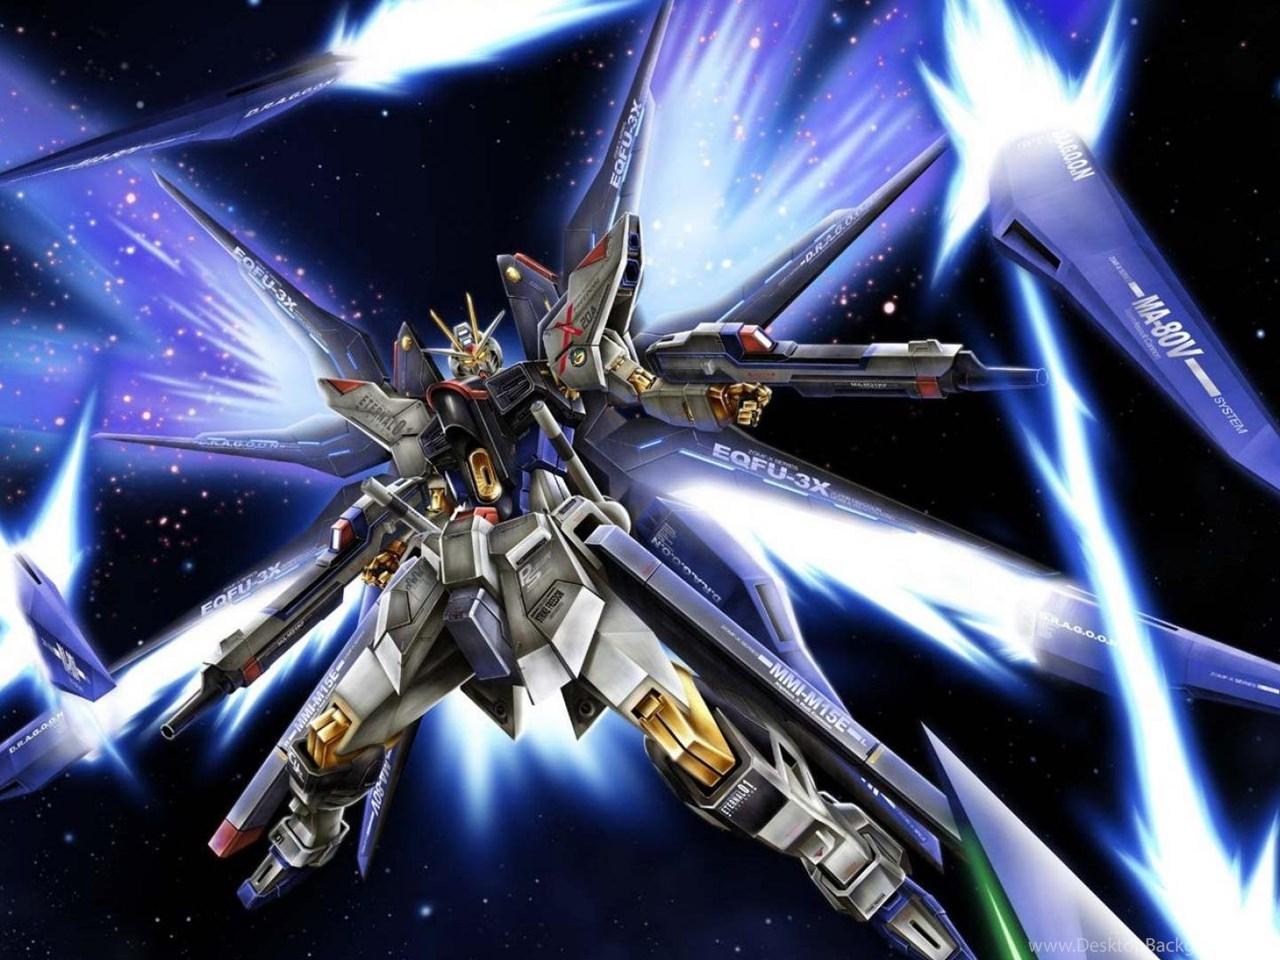 Gundam HD Wallpaper, Gundam Backgrounds Desktop Background